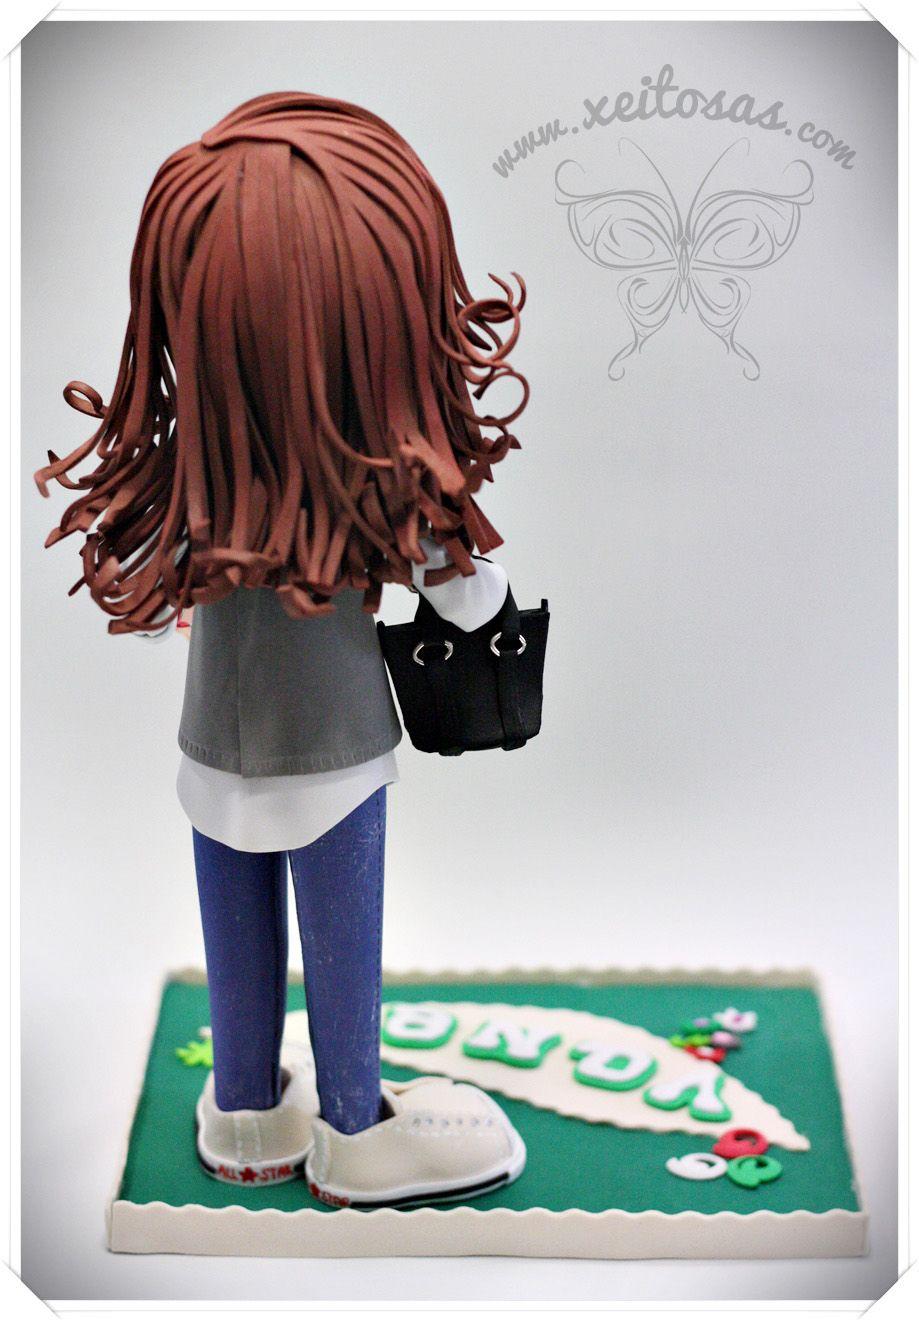 Fofucha personalizada para regalo de cumpleaños. Con nombre en la base y complementos